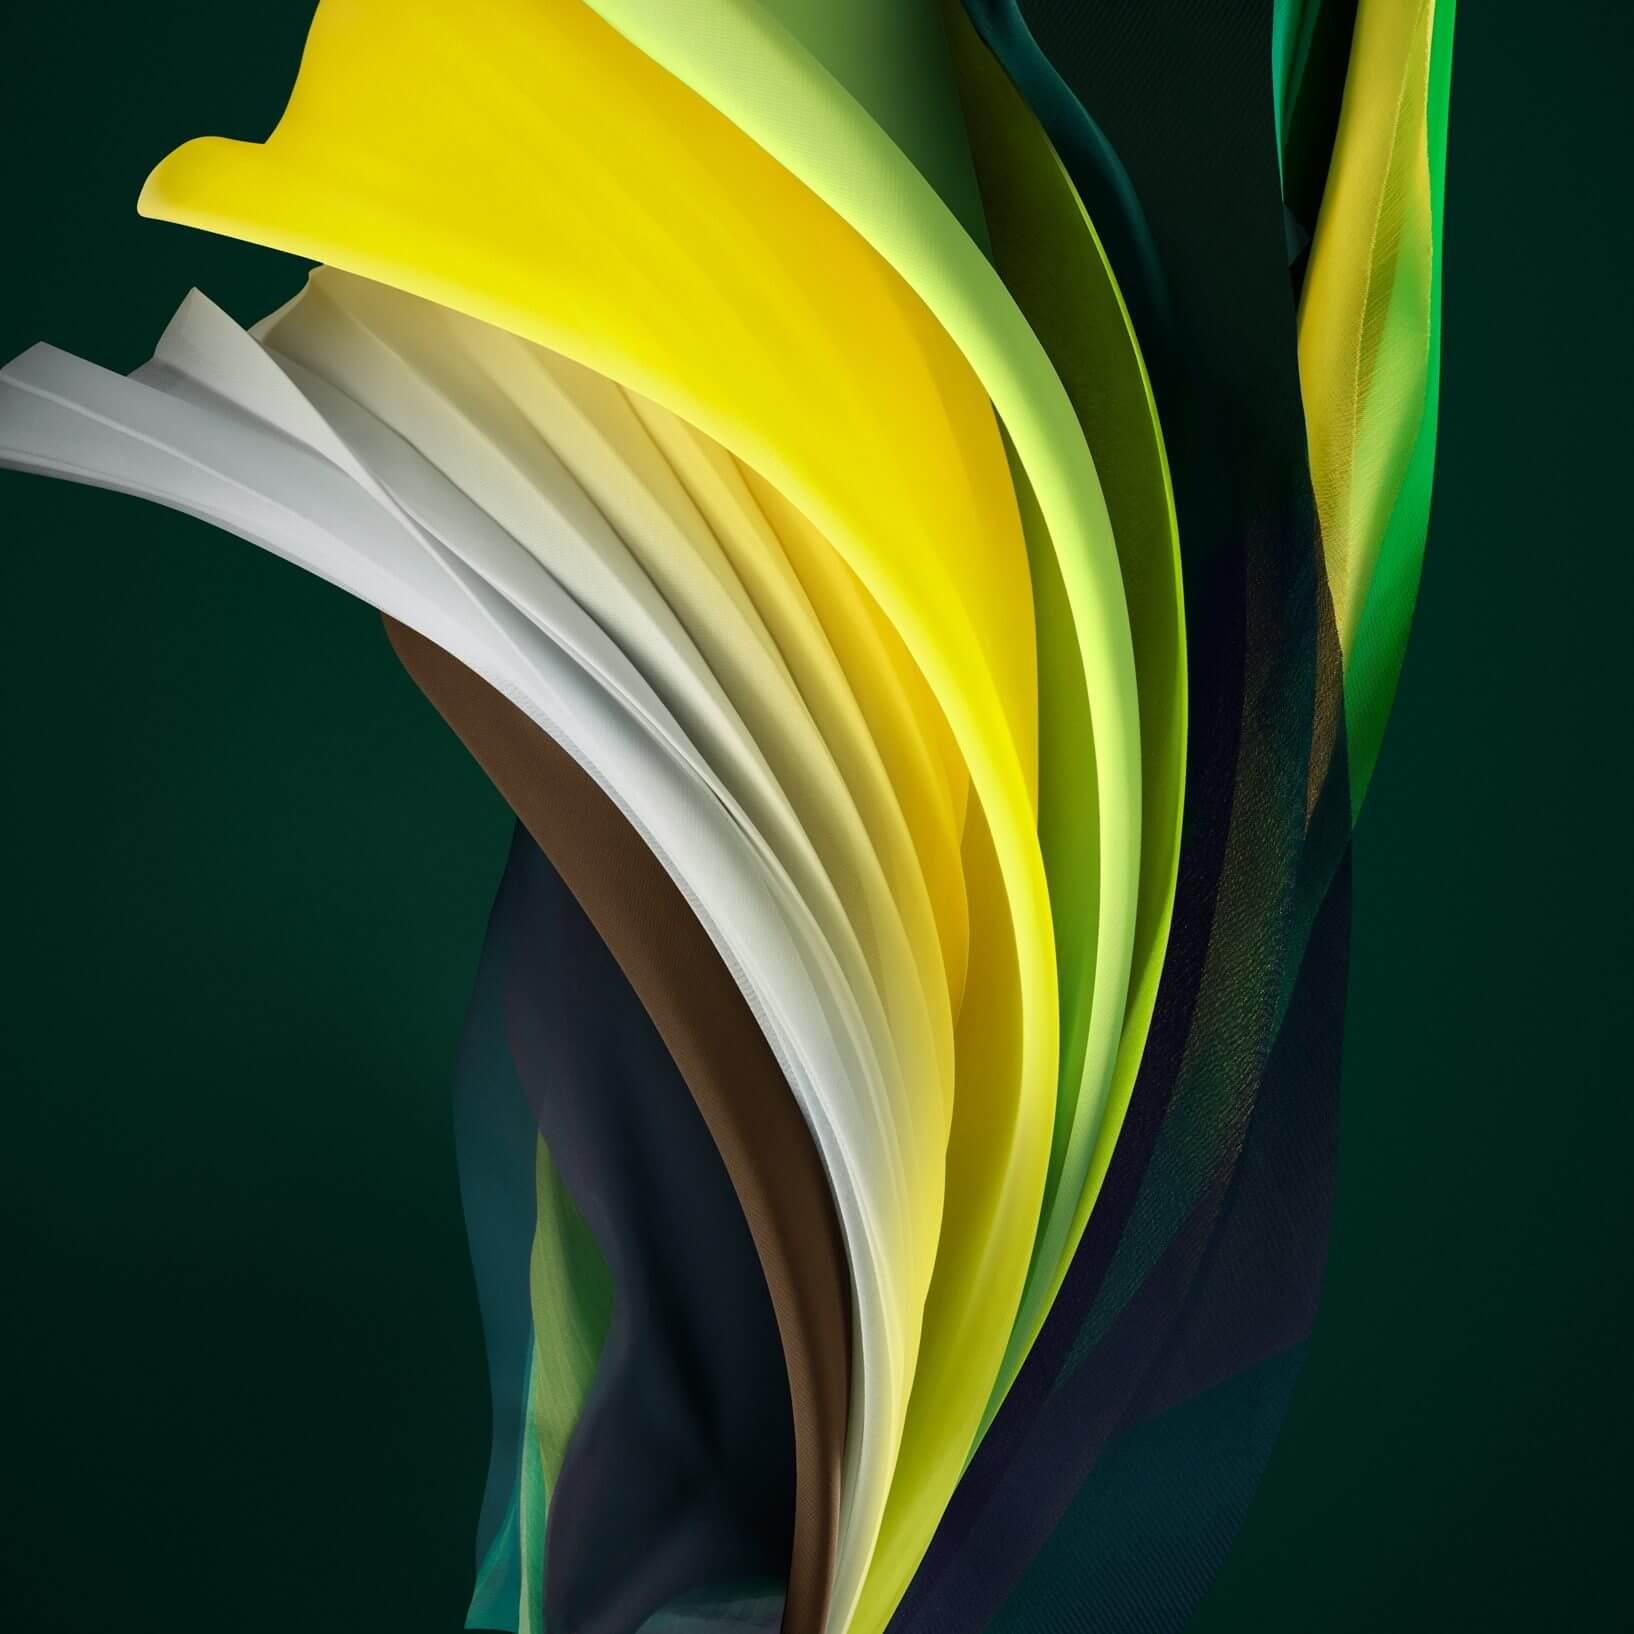 Silk Green Light iPhone SE 2 Wallpaper